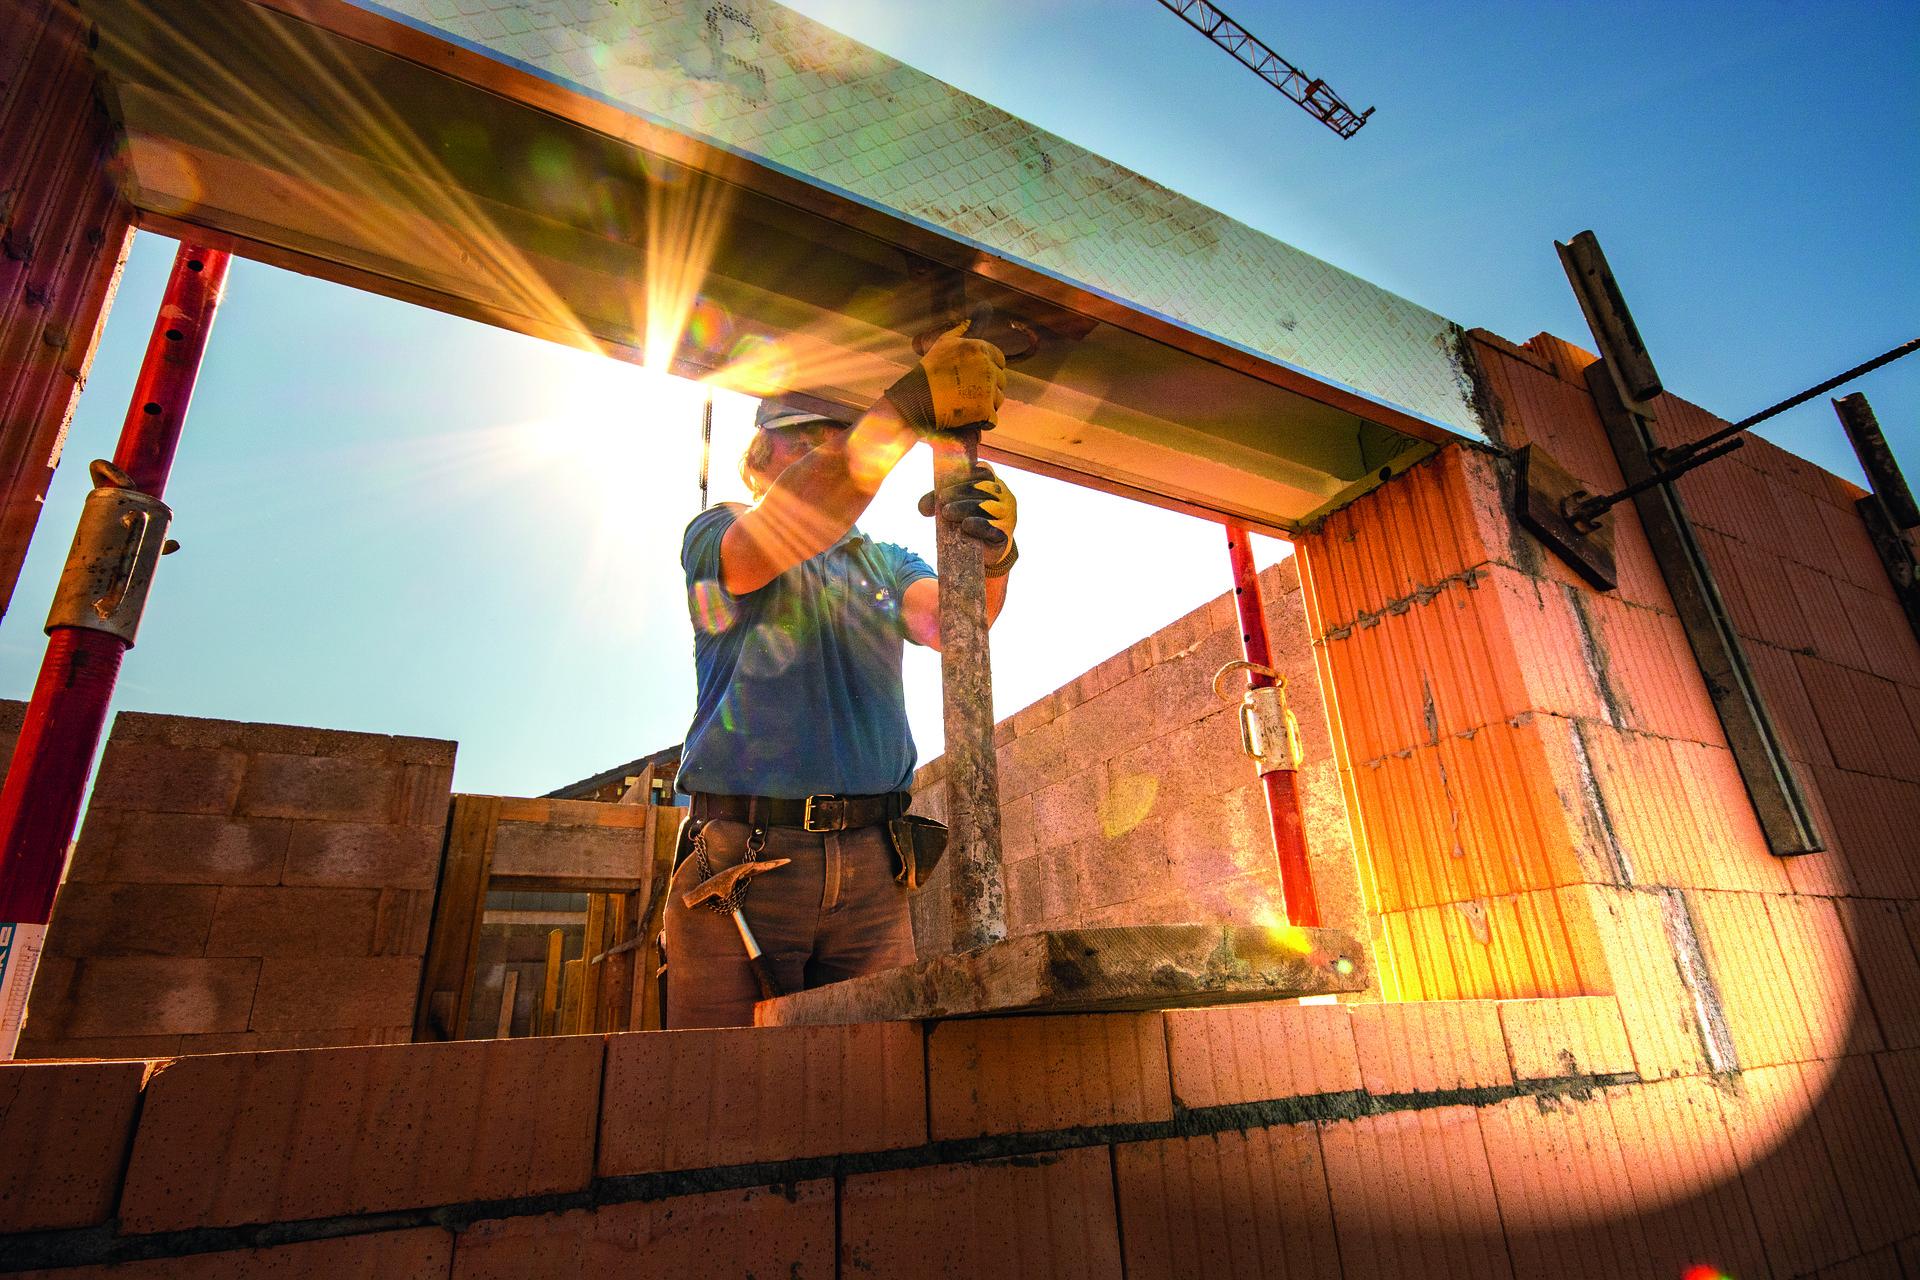 Az építőipari vállalkozások többsége árbevétel-növekedésre számít az idén